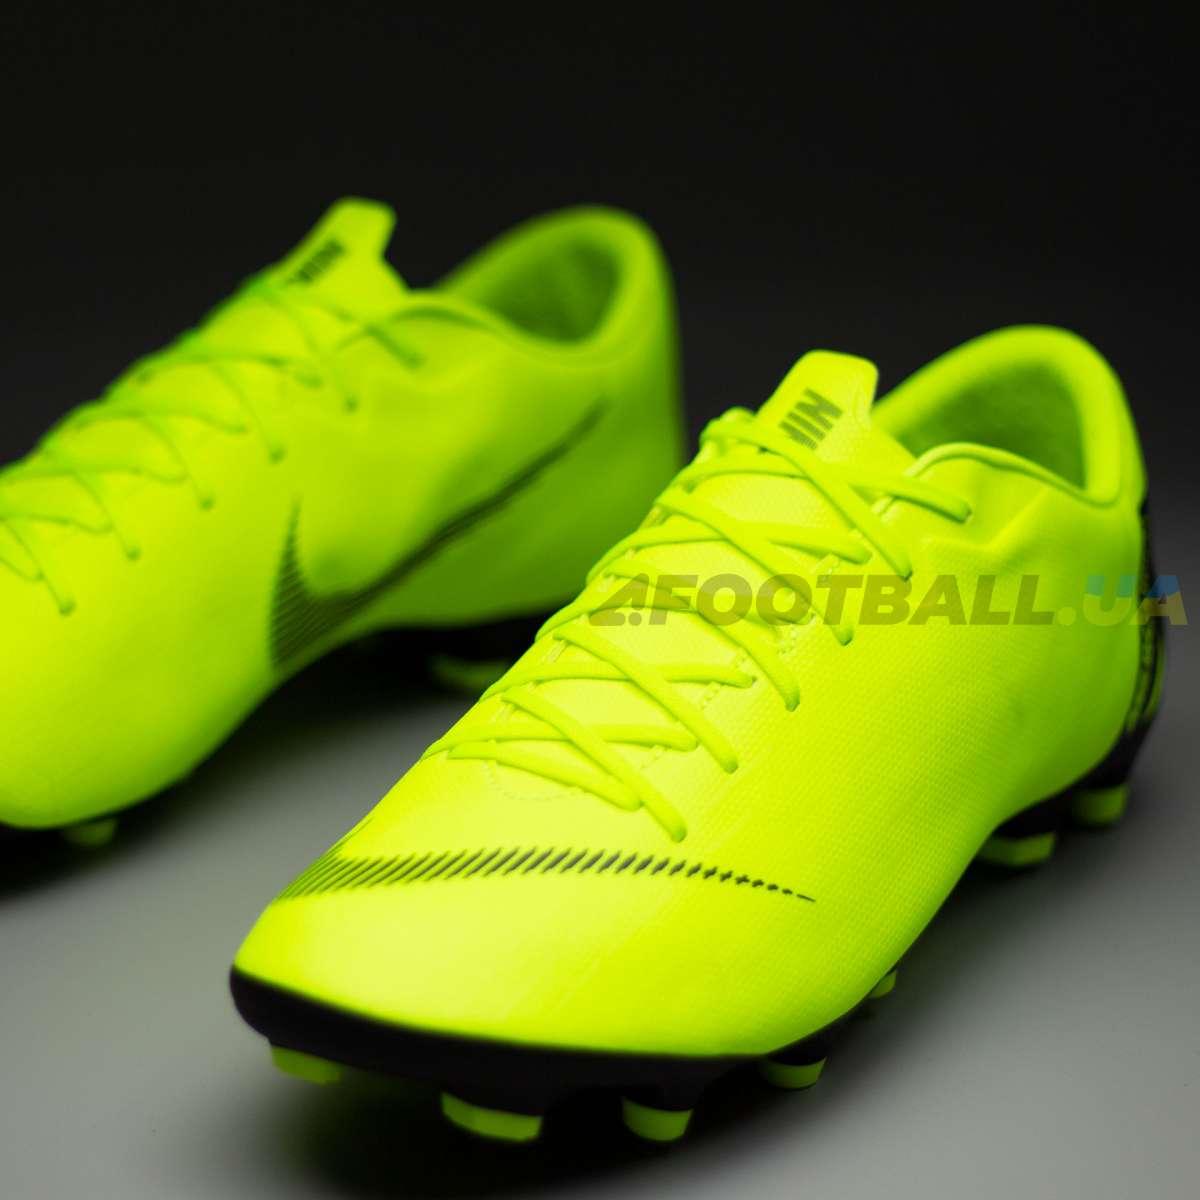 f376003f Футбольные бутсы Nike Mercurial Vapor Academy AH7375-701 купить на ...